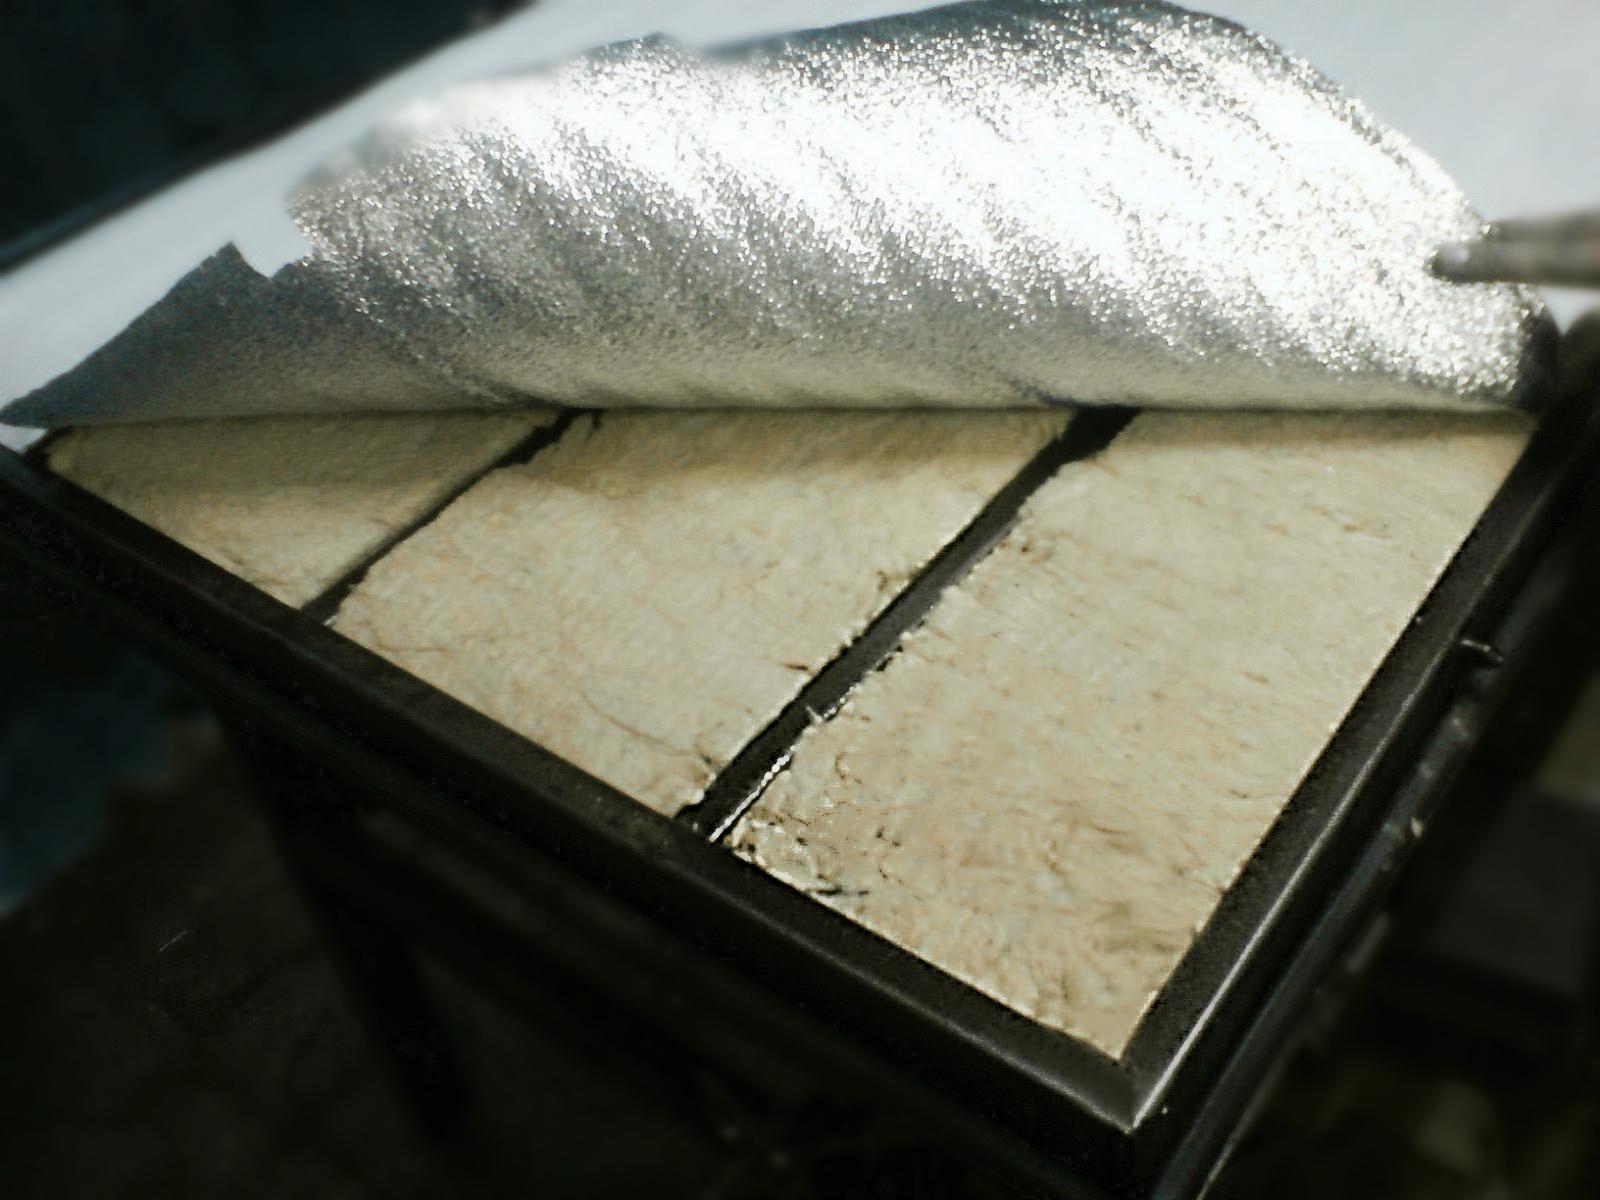 Можно ли утеплить дачный деревянный дом, не тратя при этом все деньги мира?